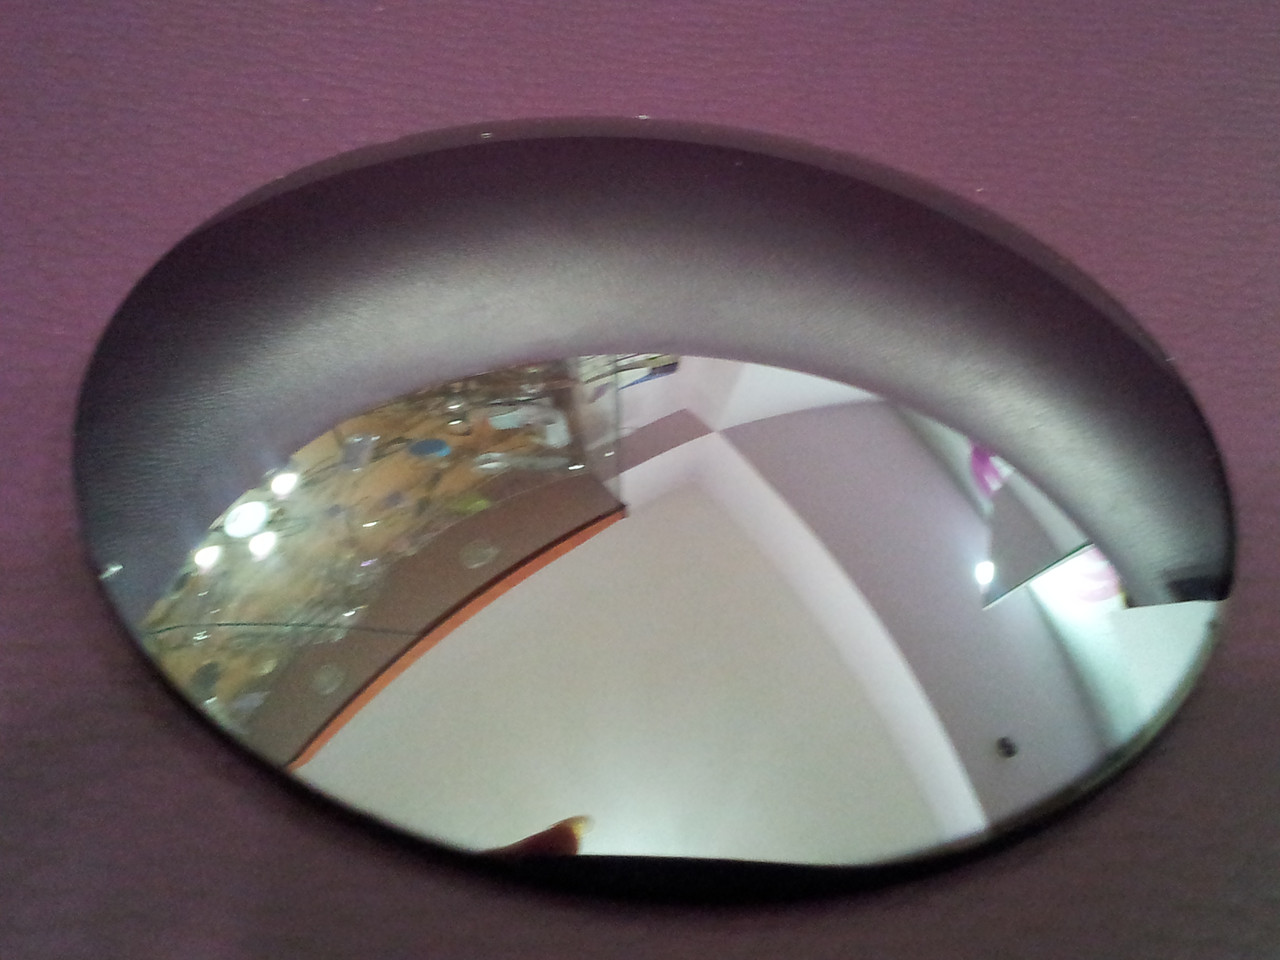 Линза полимерная серебристая с зеркальным покрытием - фото 2